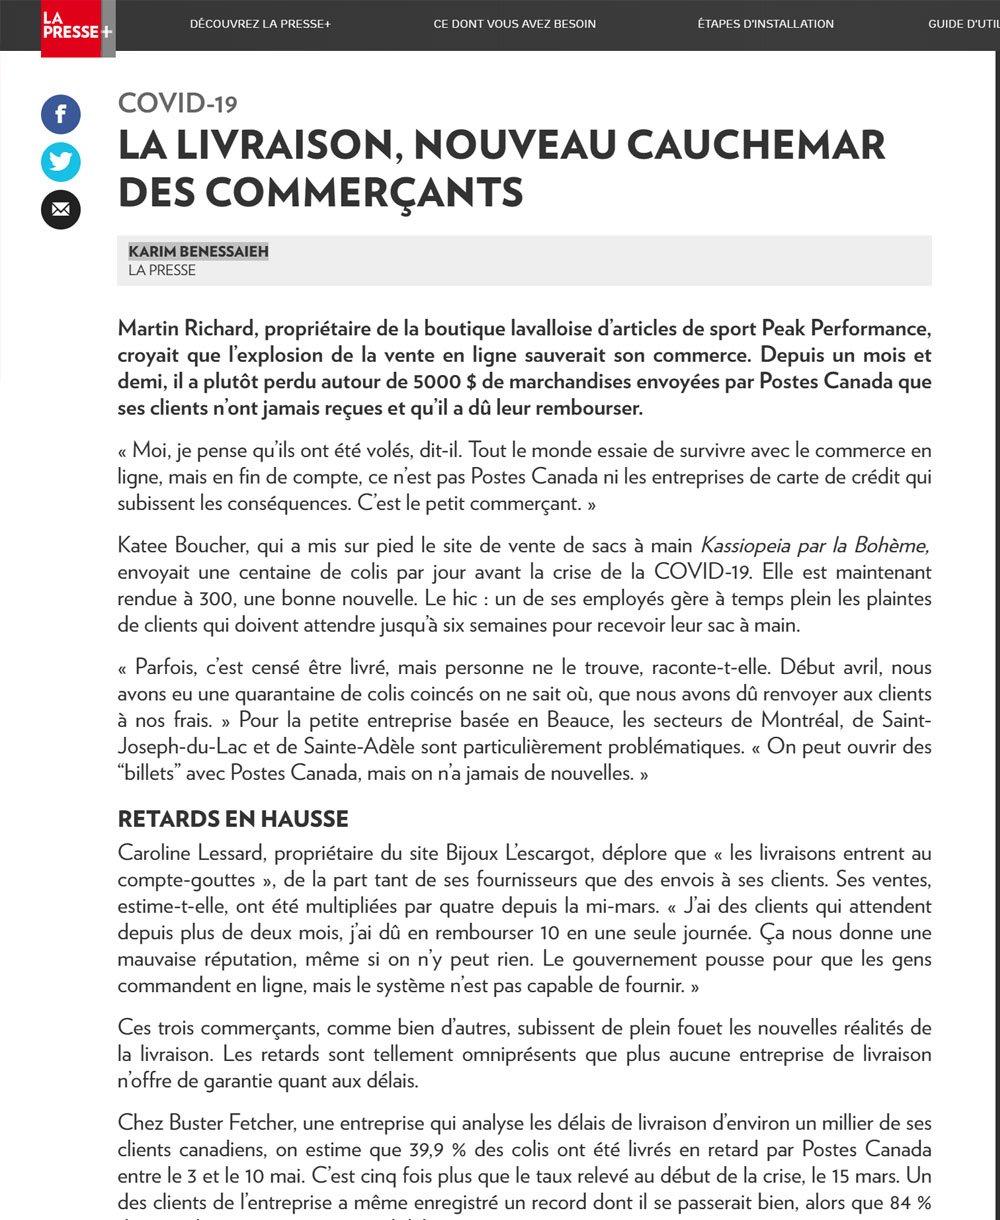 LA-LIVRAISON-NOUVEAU-CAUCHEMAR-DES-COMMERCANTS